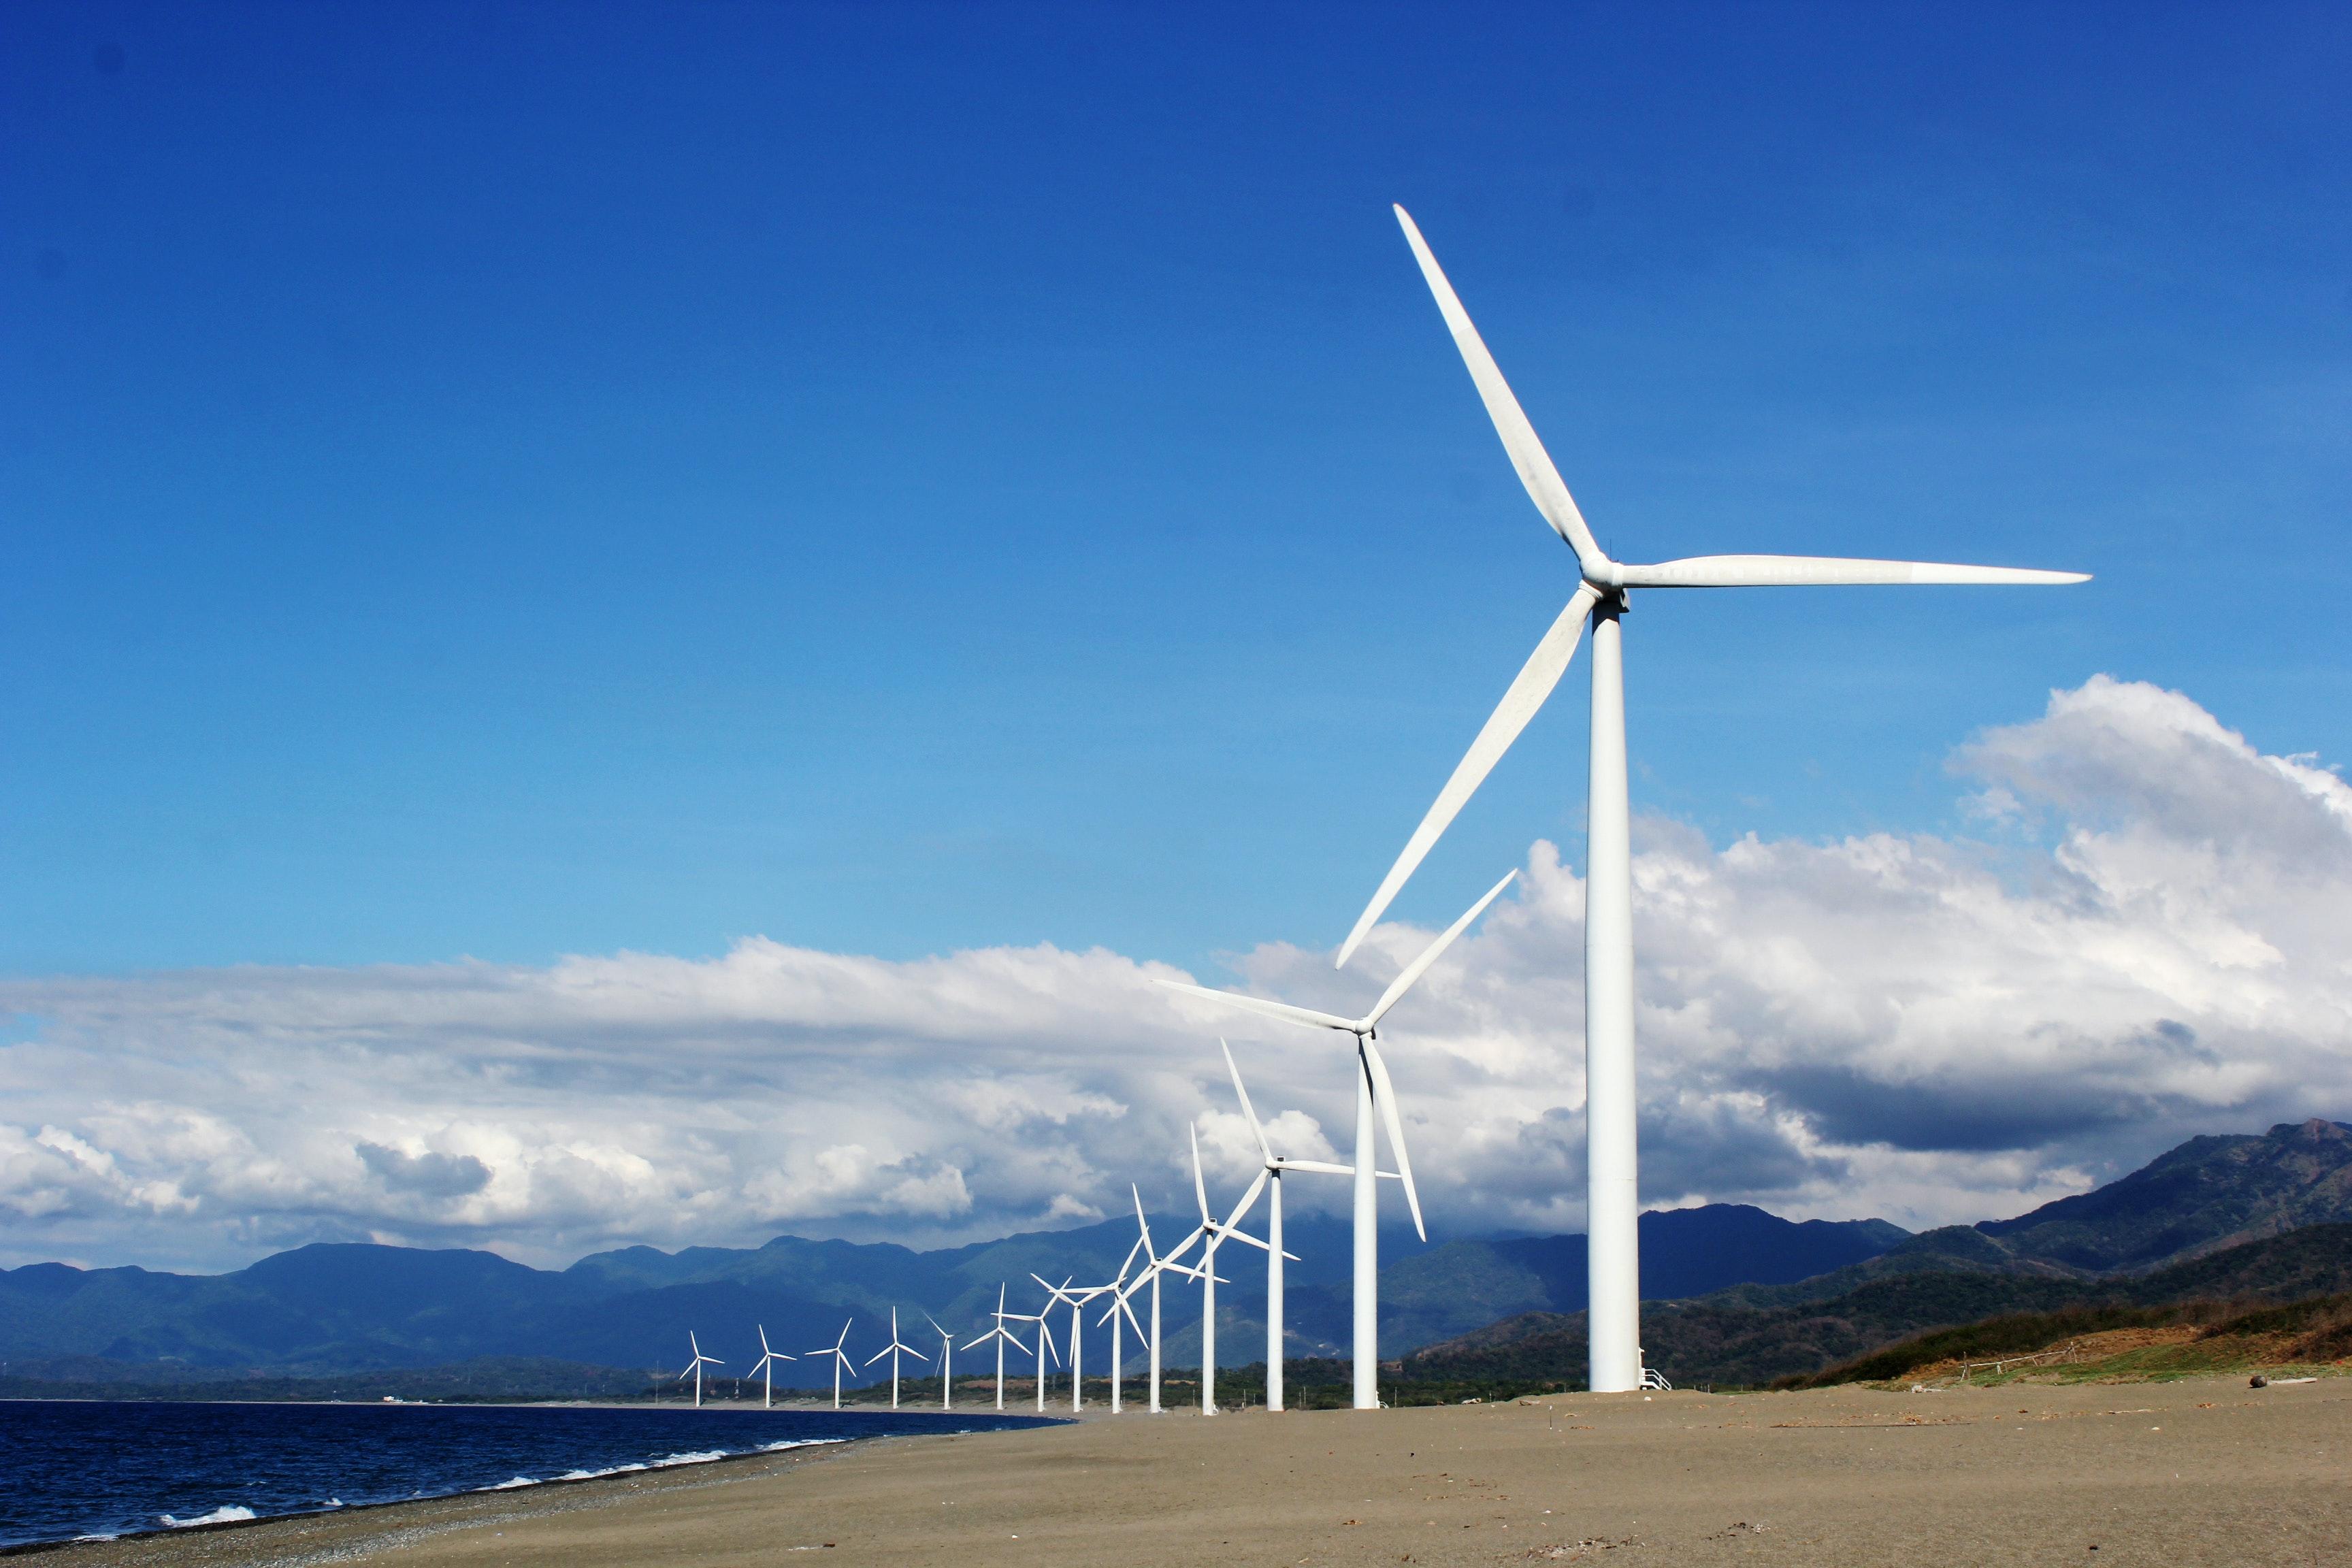 2050-re az EU villamosenergia-ellátásának negyedét szél- és vízenergiából állítaná elő